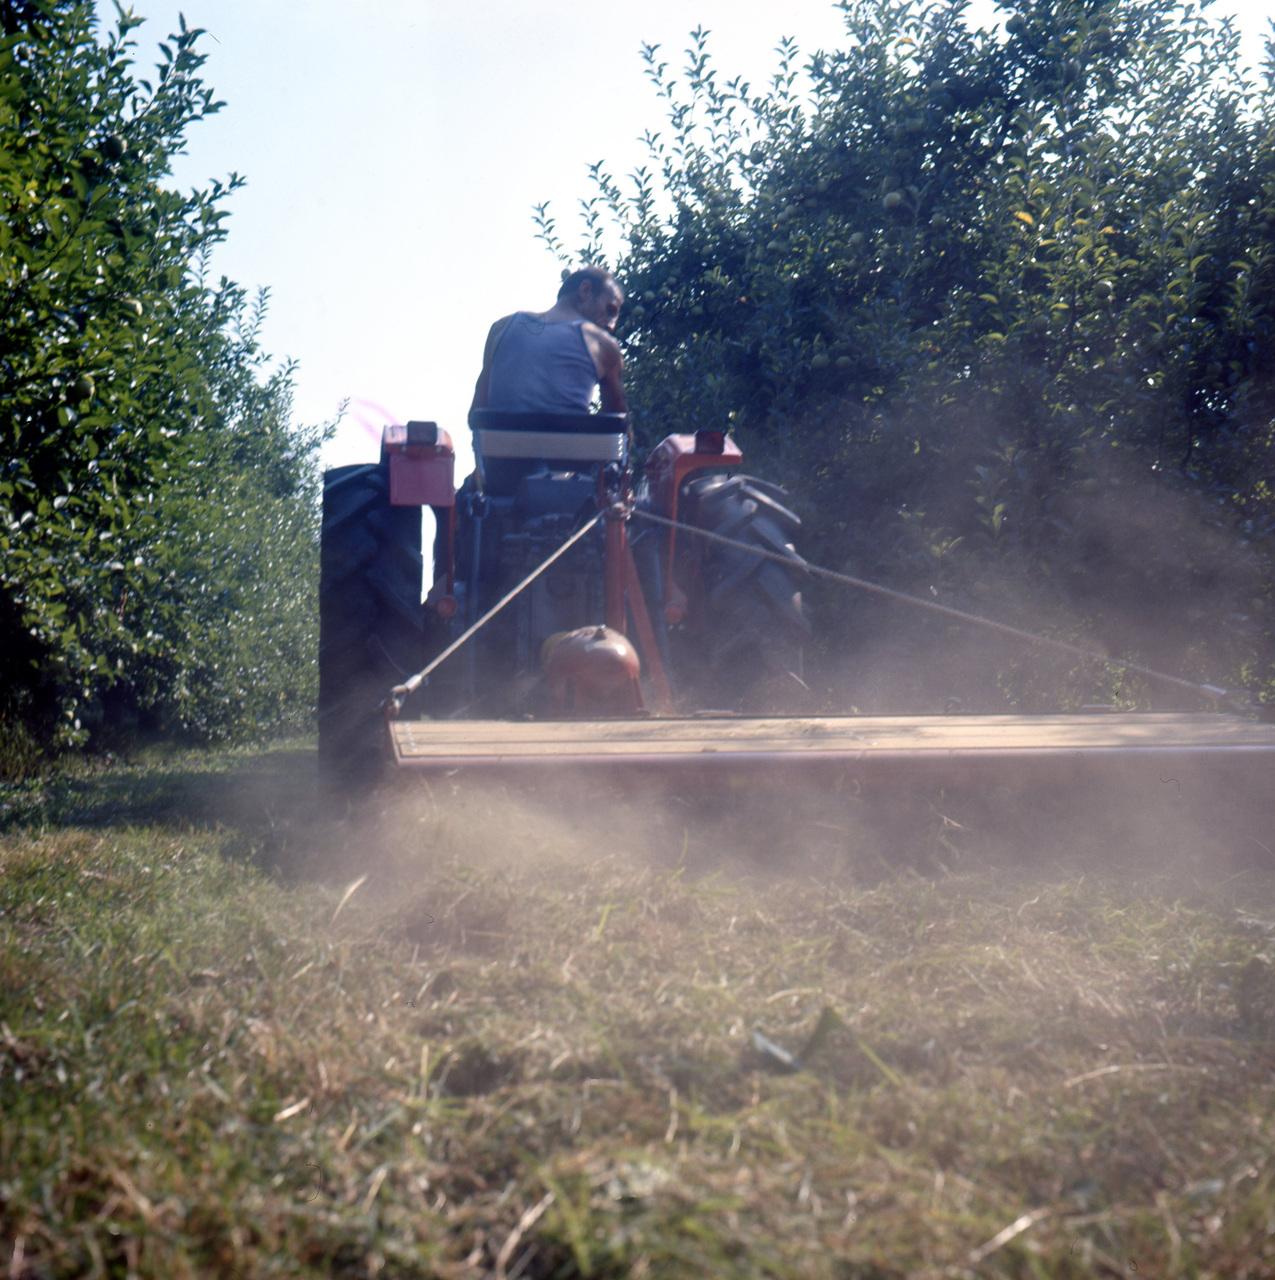 [SAME] trattore Minitauro al lavoro con barra falciante in un frutteto